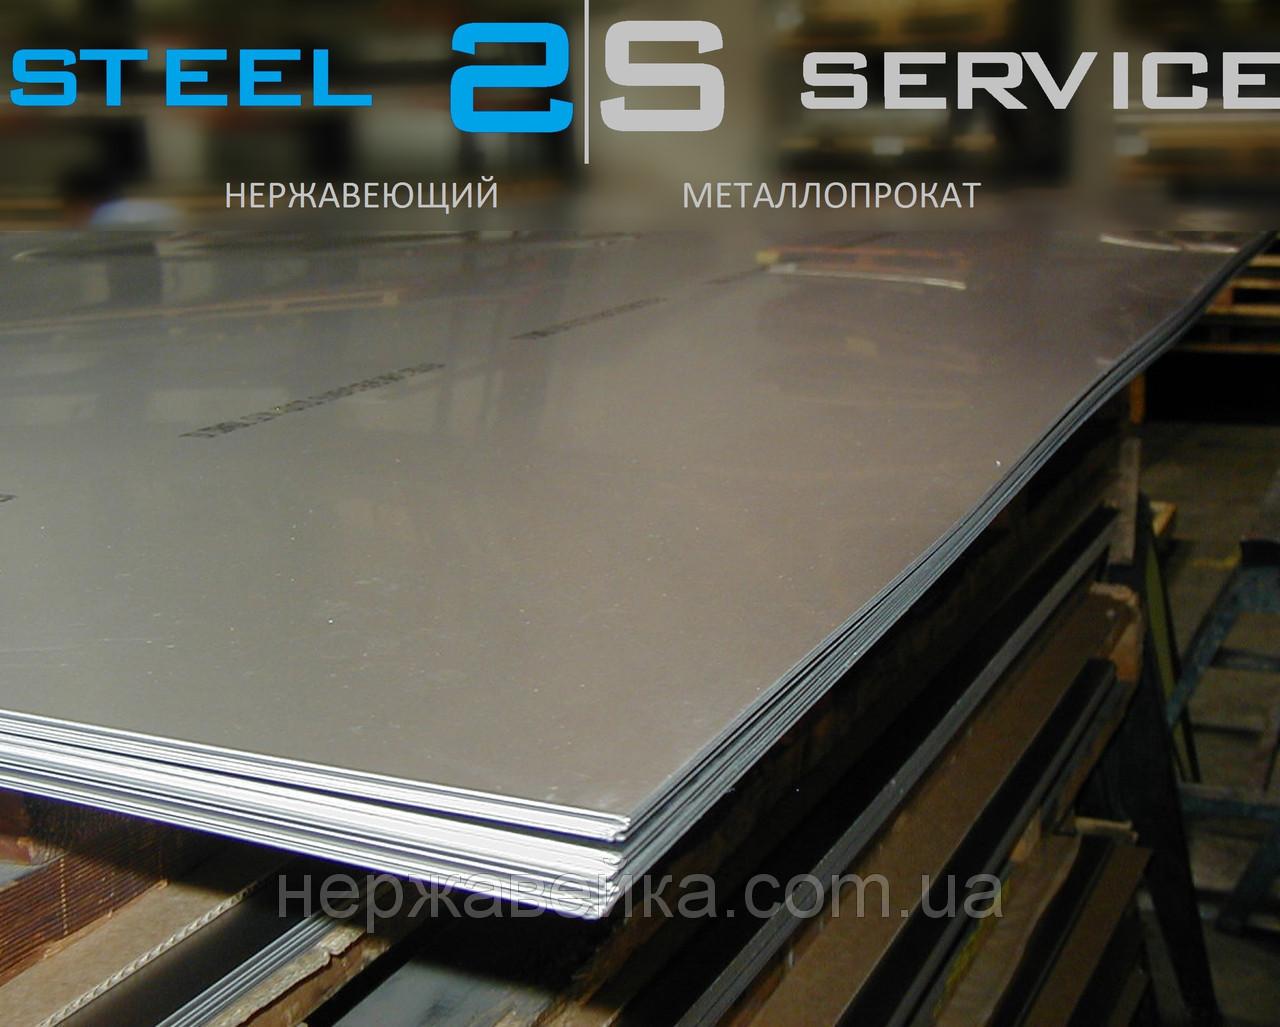 Нержавейка лист 14х1000х2000мм  AISI 310(20Х23Н18) F1 - горячекатанный,  жаропрочный